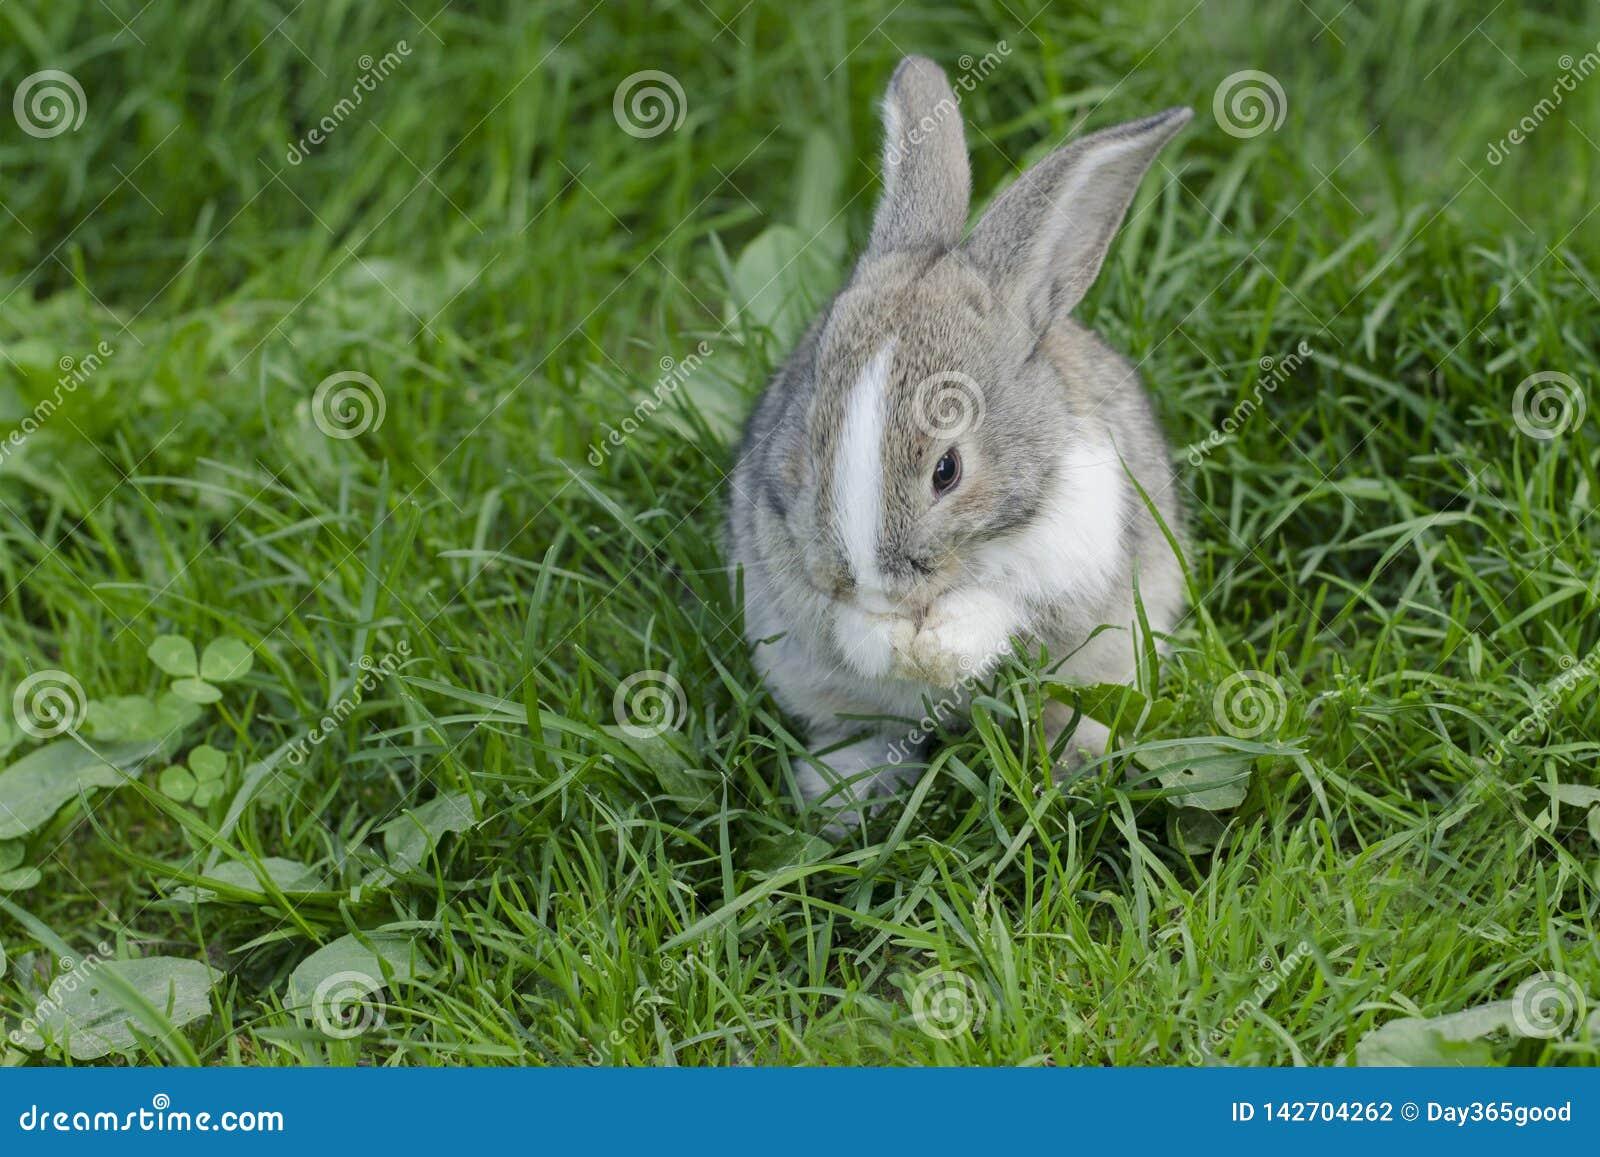 Peu de lapin est de se laver Lapin dans le pré Le lièvre se repose dans l herbe verte